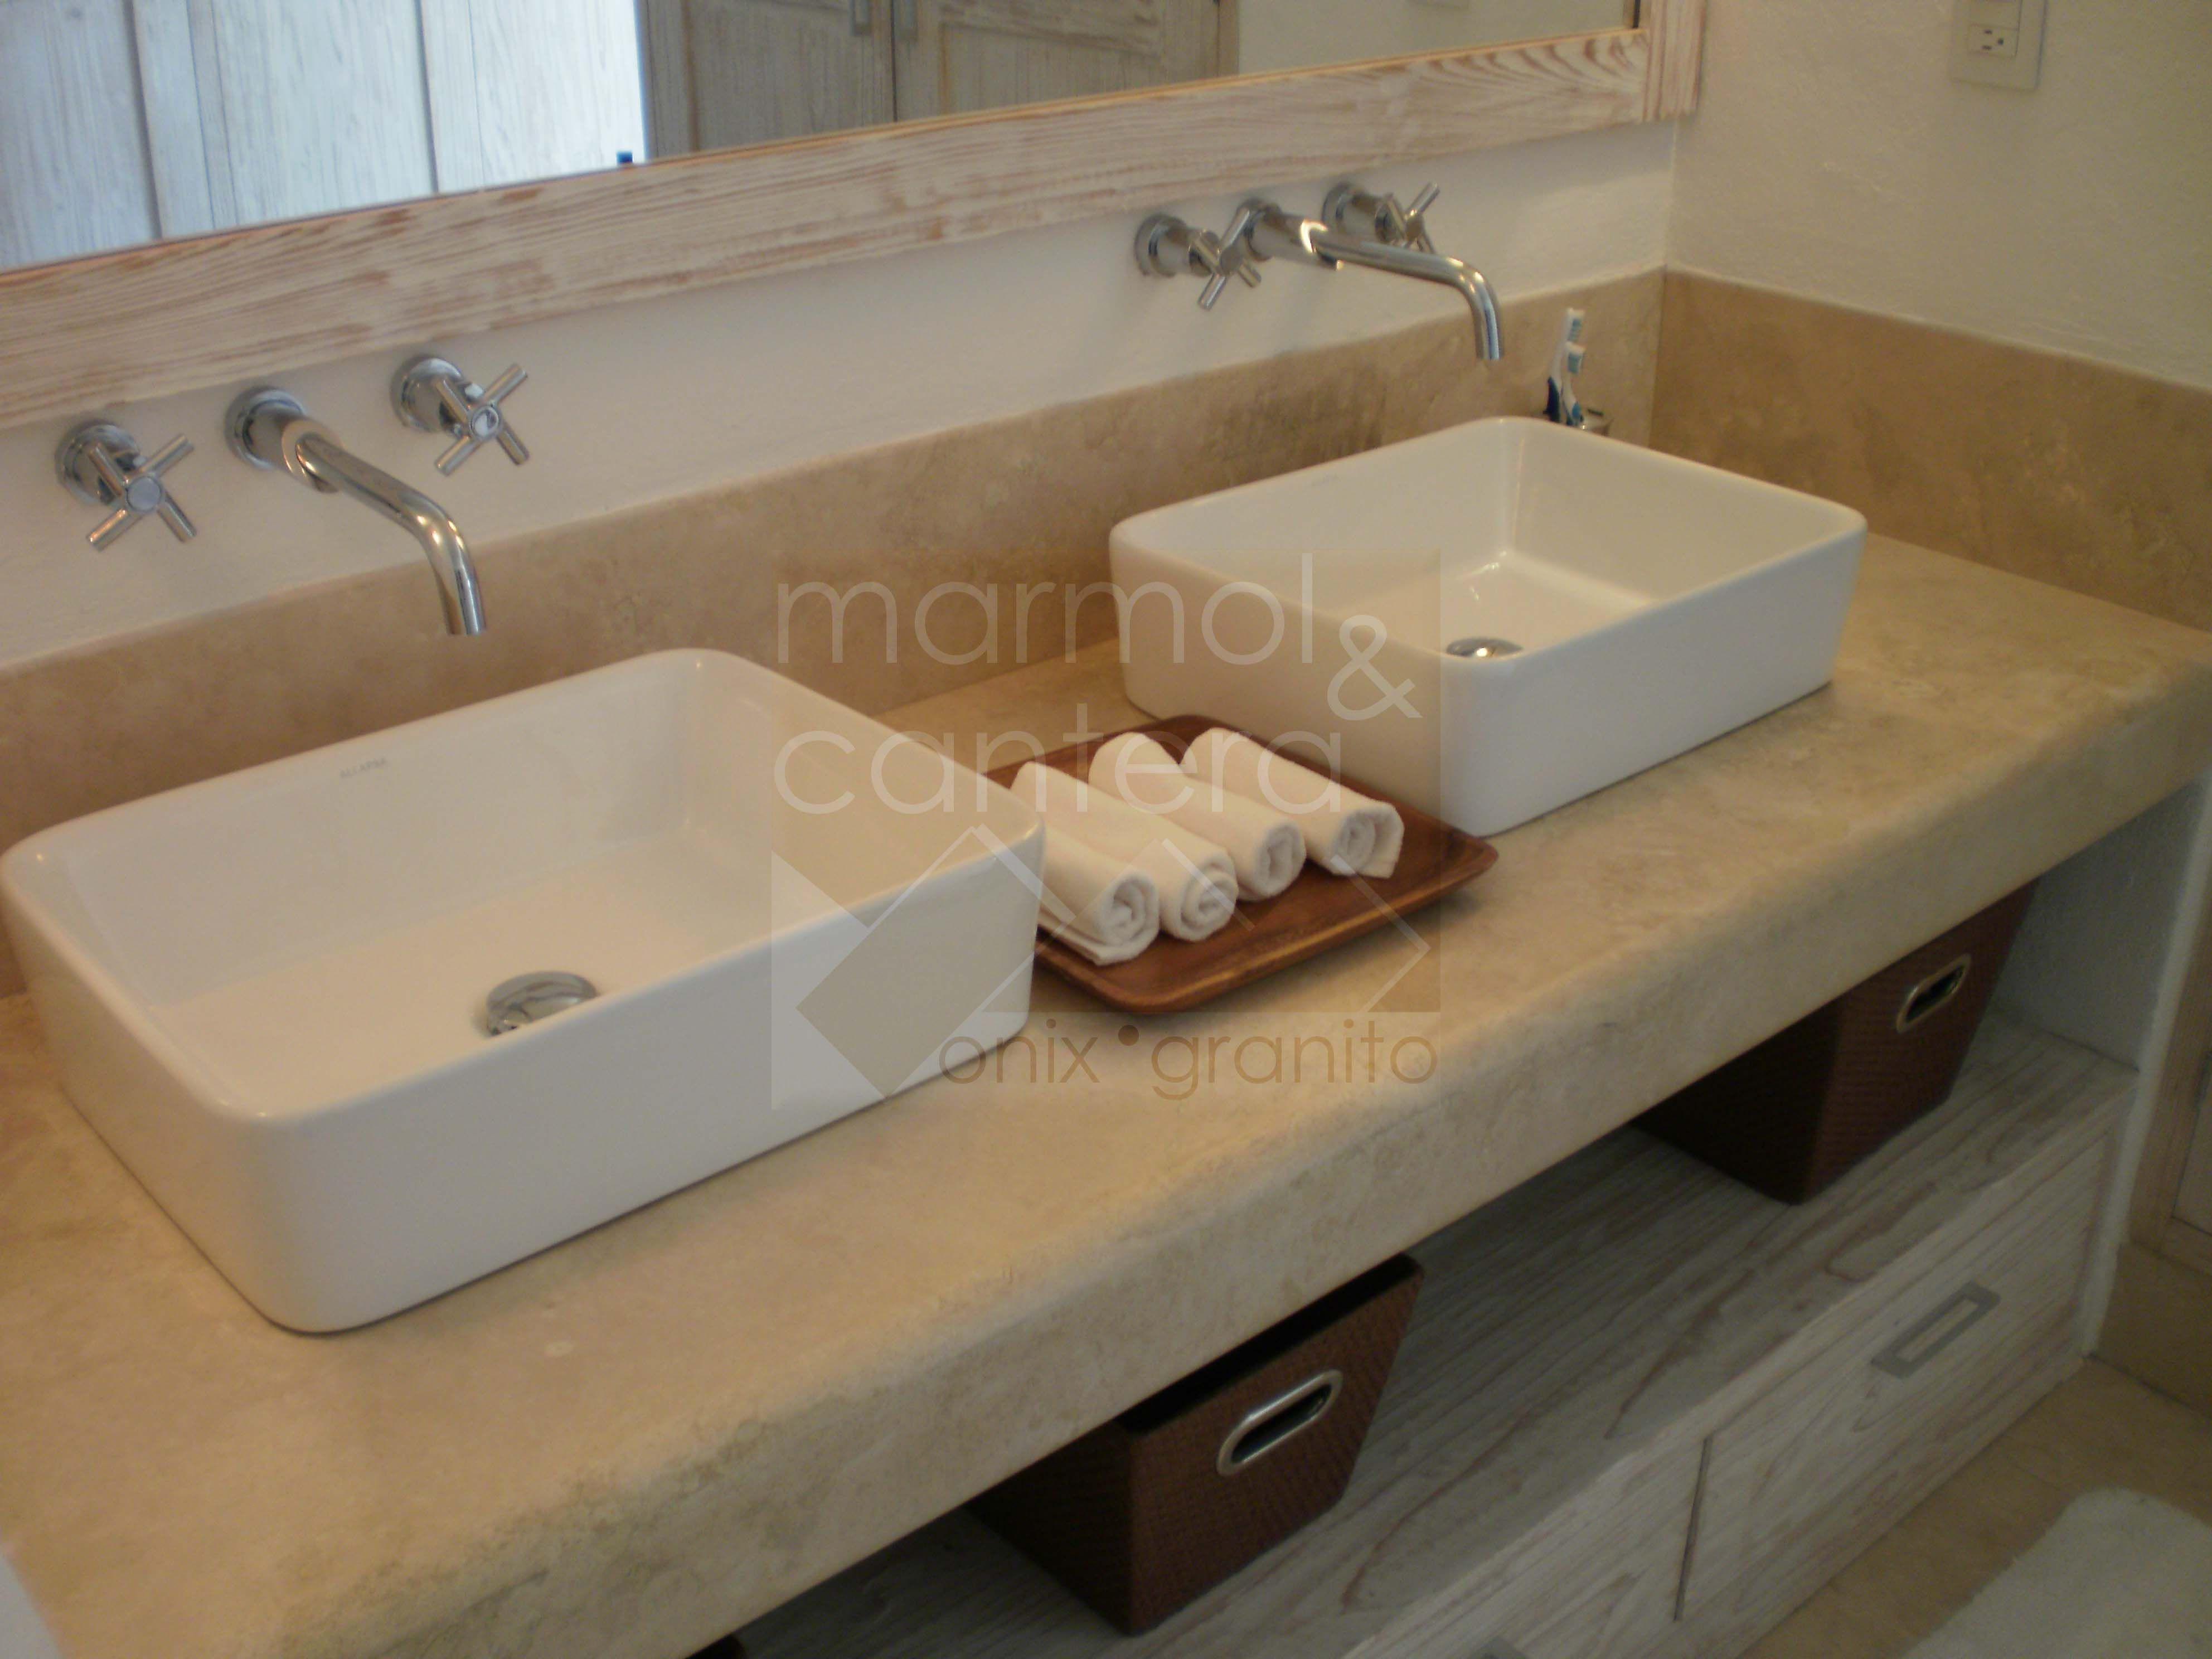 Fabricamos tu cubierta de ba o a la medida whatsapp for Precio encimera marmol